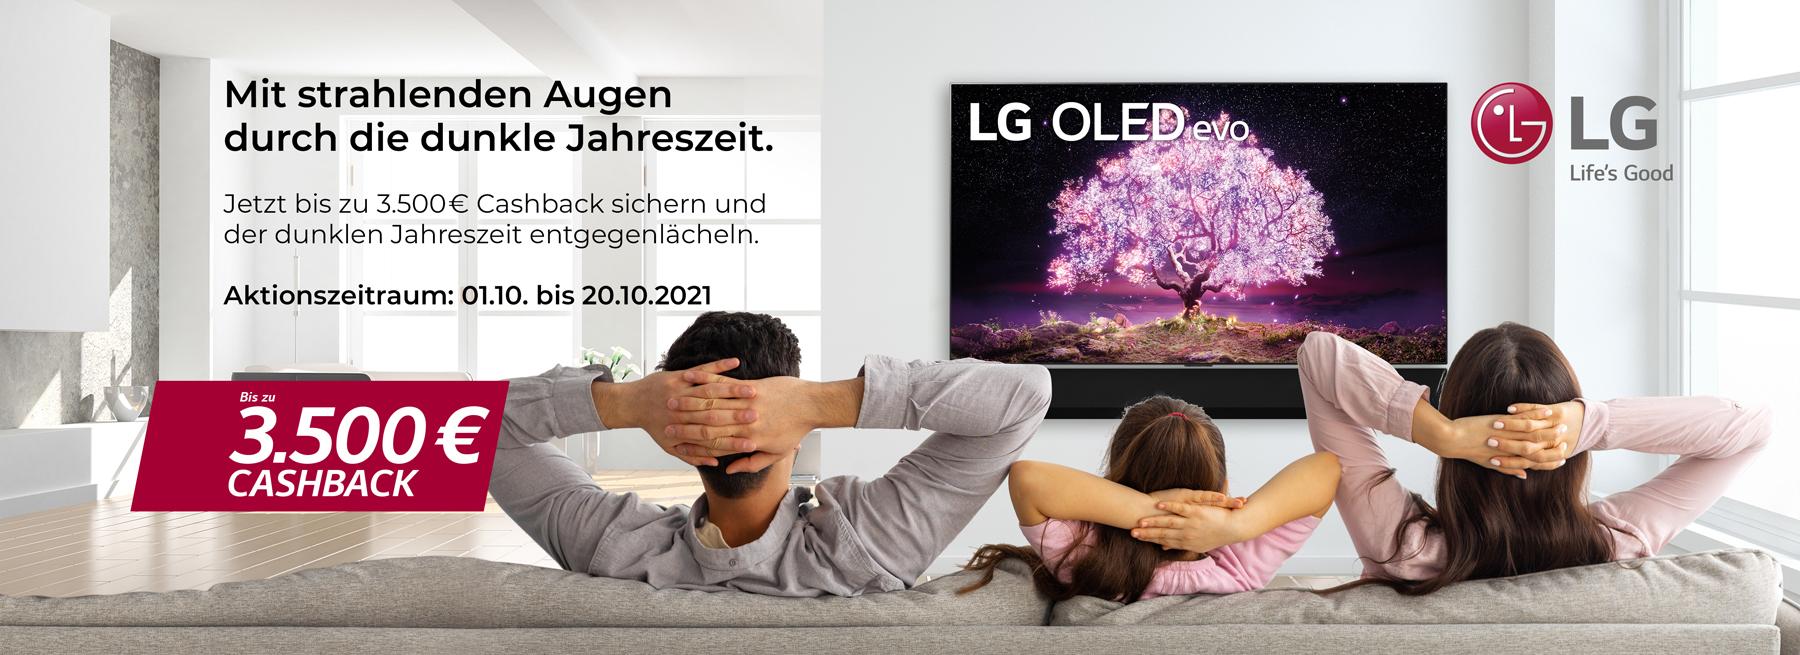 lg-aktion-strahlende-augen-oktober-2021-banner